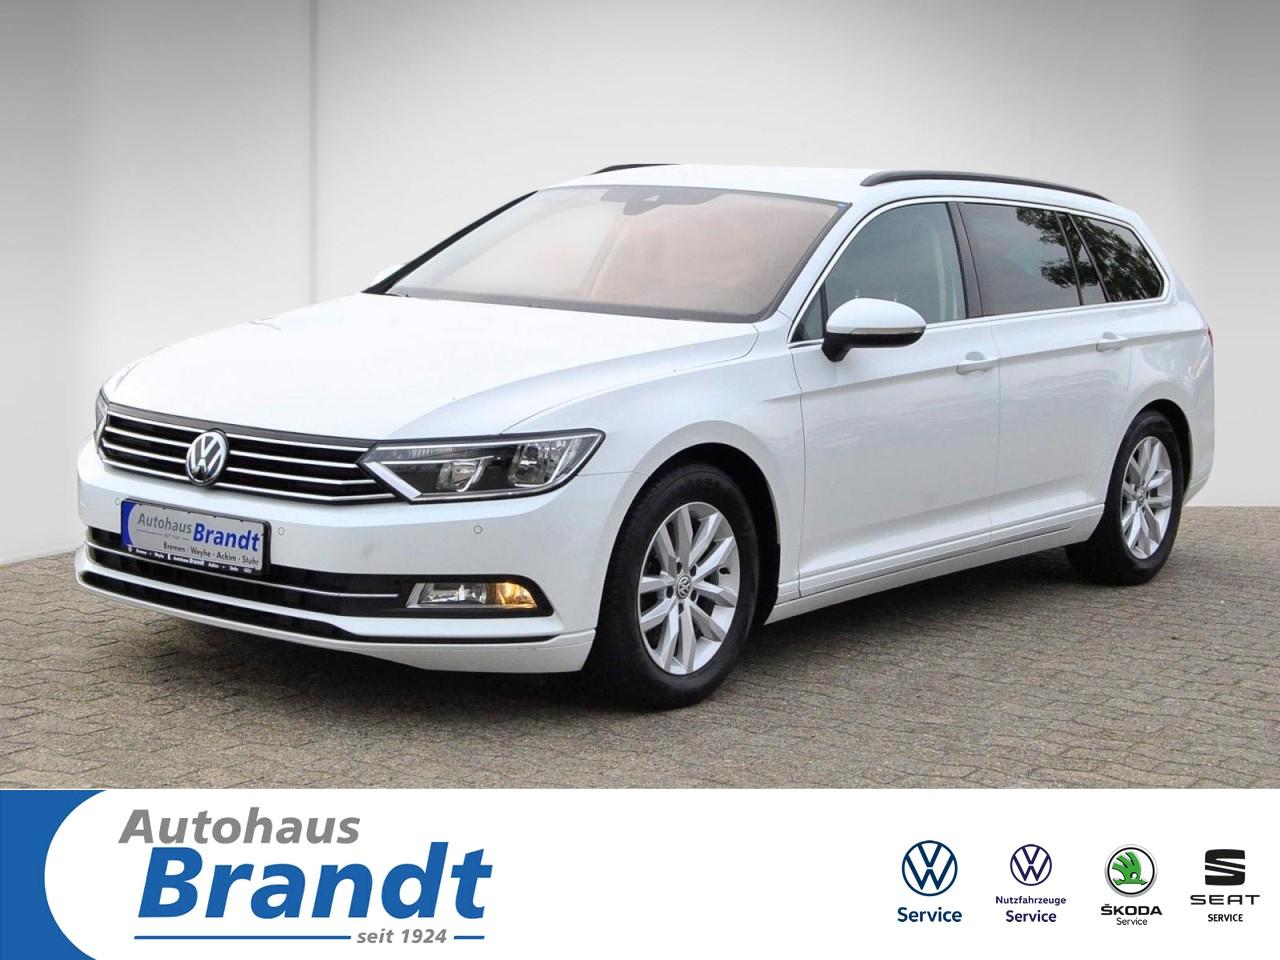 Volkswagen Passat Variant 1.6 TDI Comfortline ACC*NAVI*CLIMATR*R-LINE, Jahr 2015, Diesel